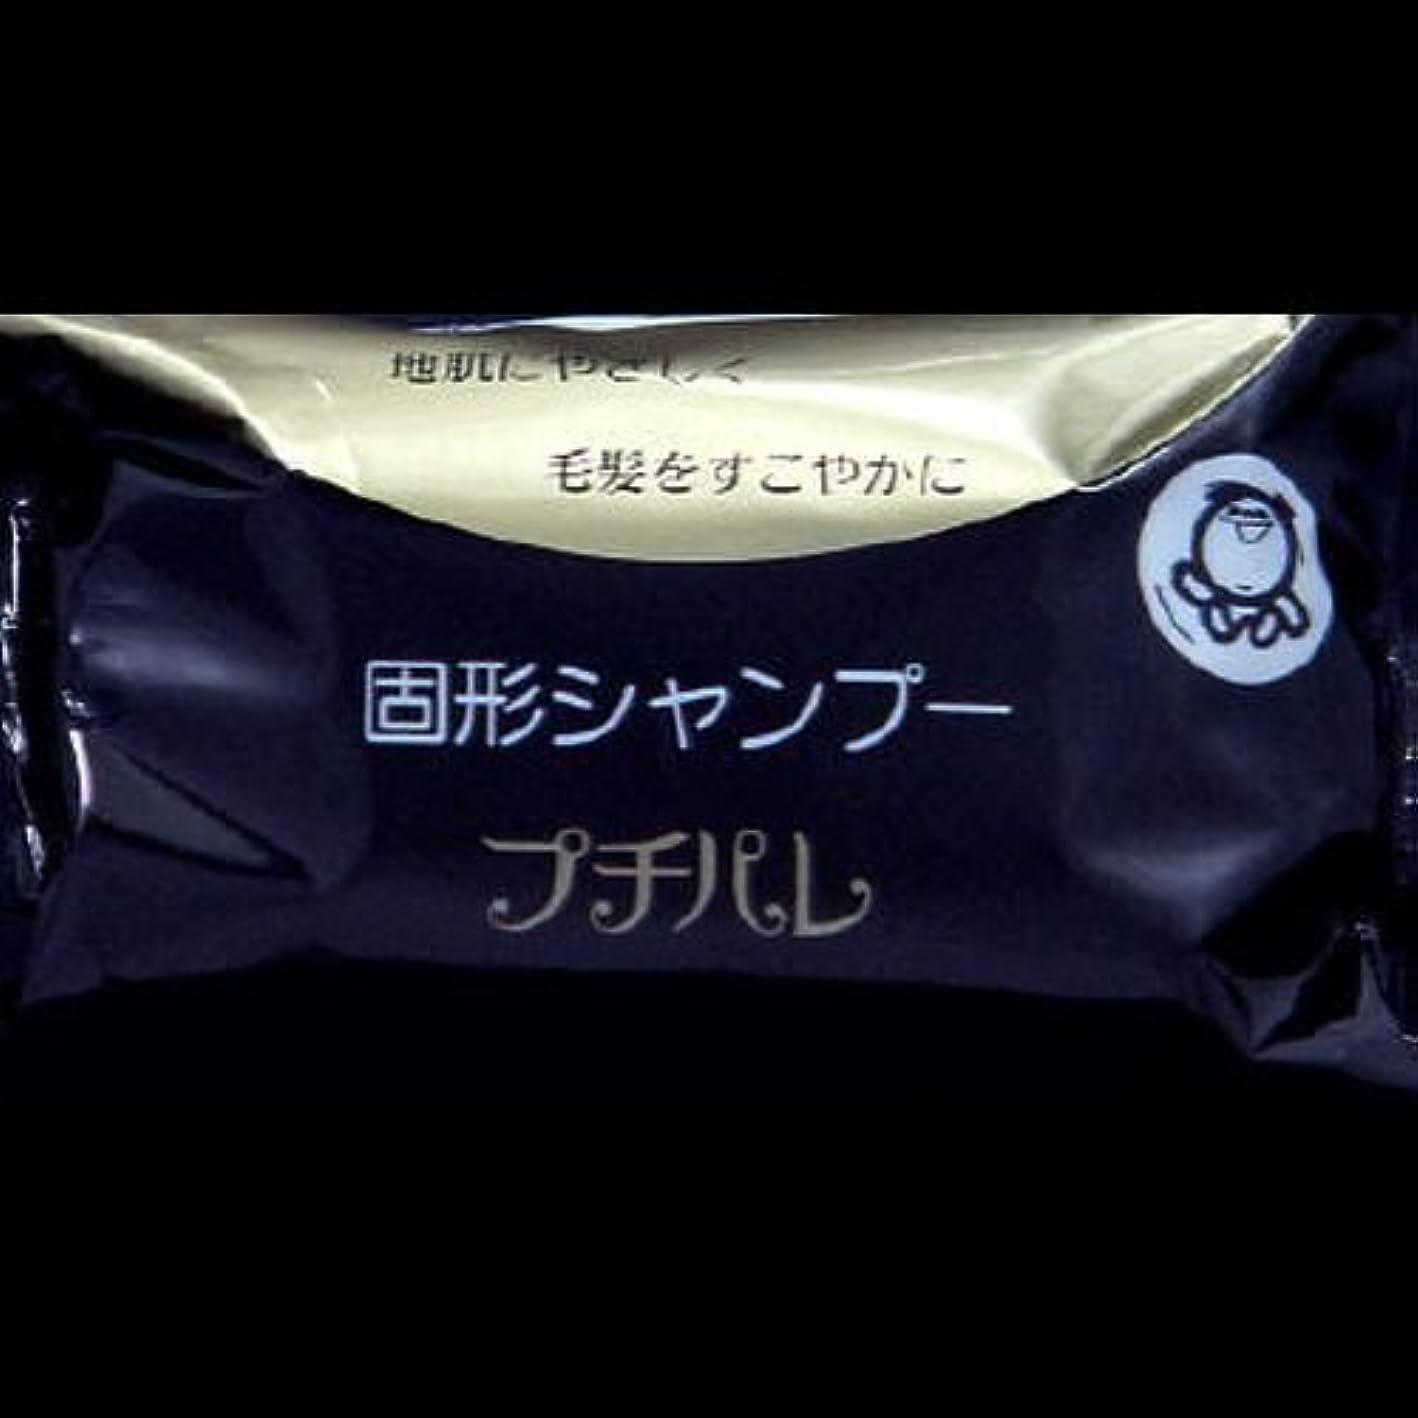 ルアー畝間最終【まとめ買い】固形シャンプー プチパレ ×2セット